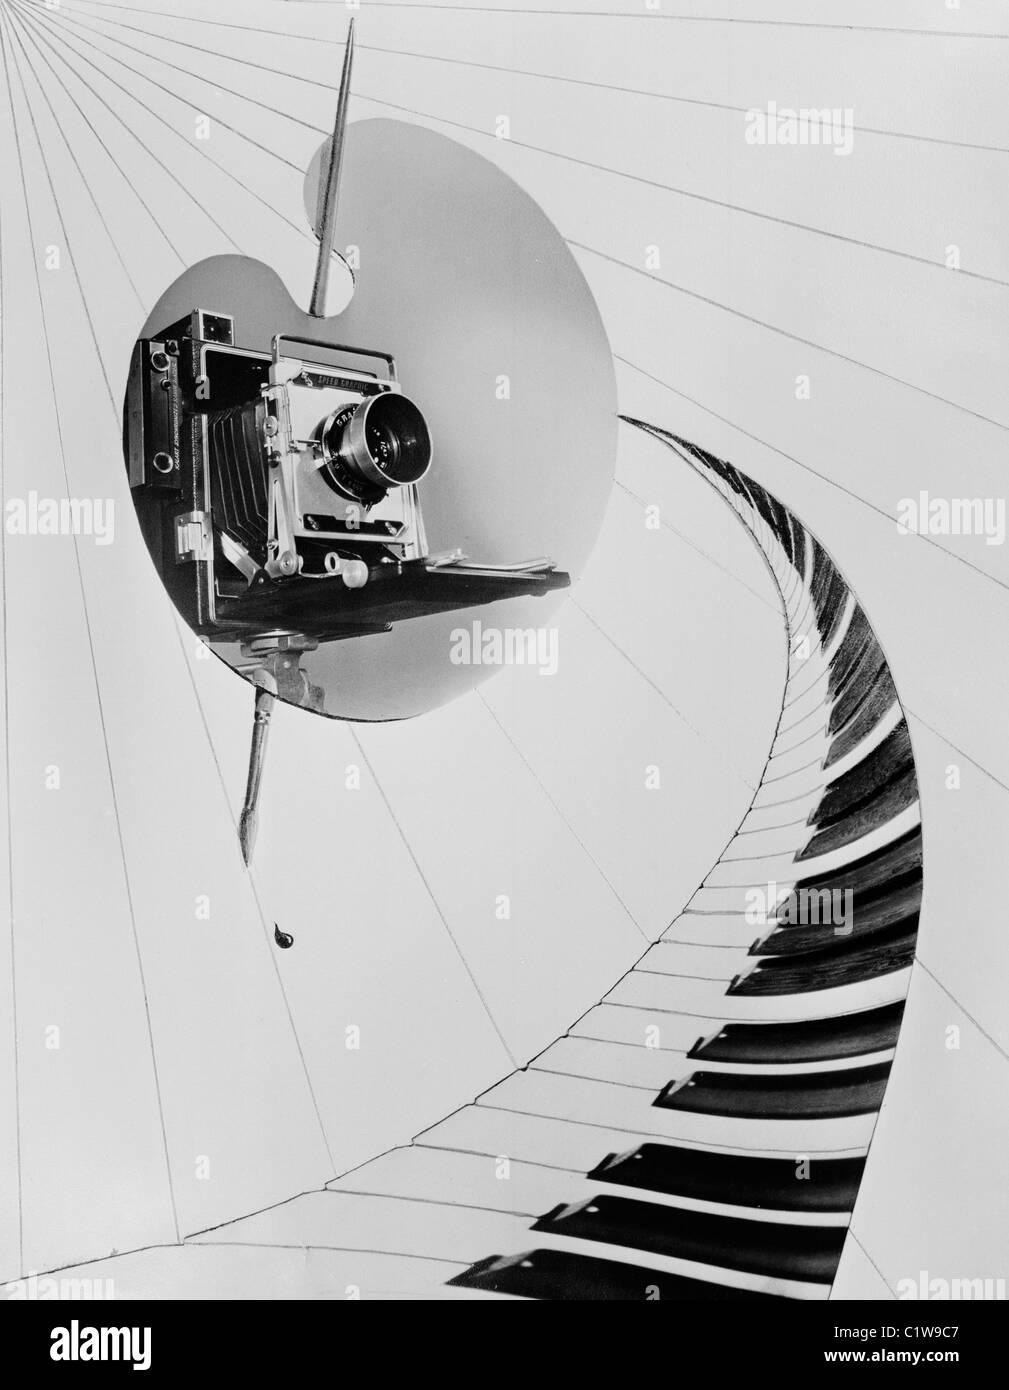 Collage avec la palette d'artiste de l'appareil photo et touches de piano Photo Stock